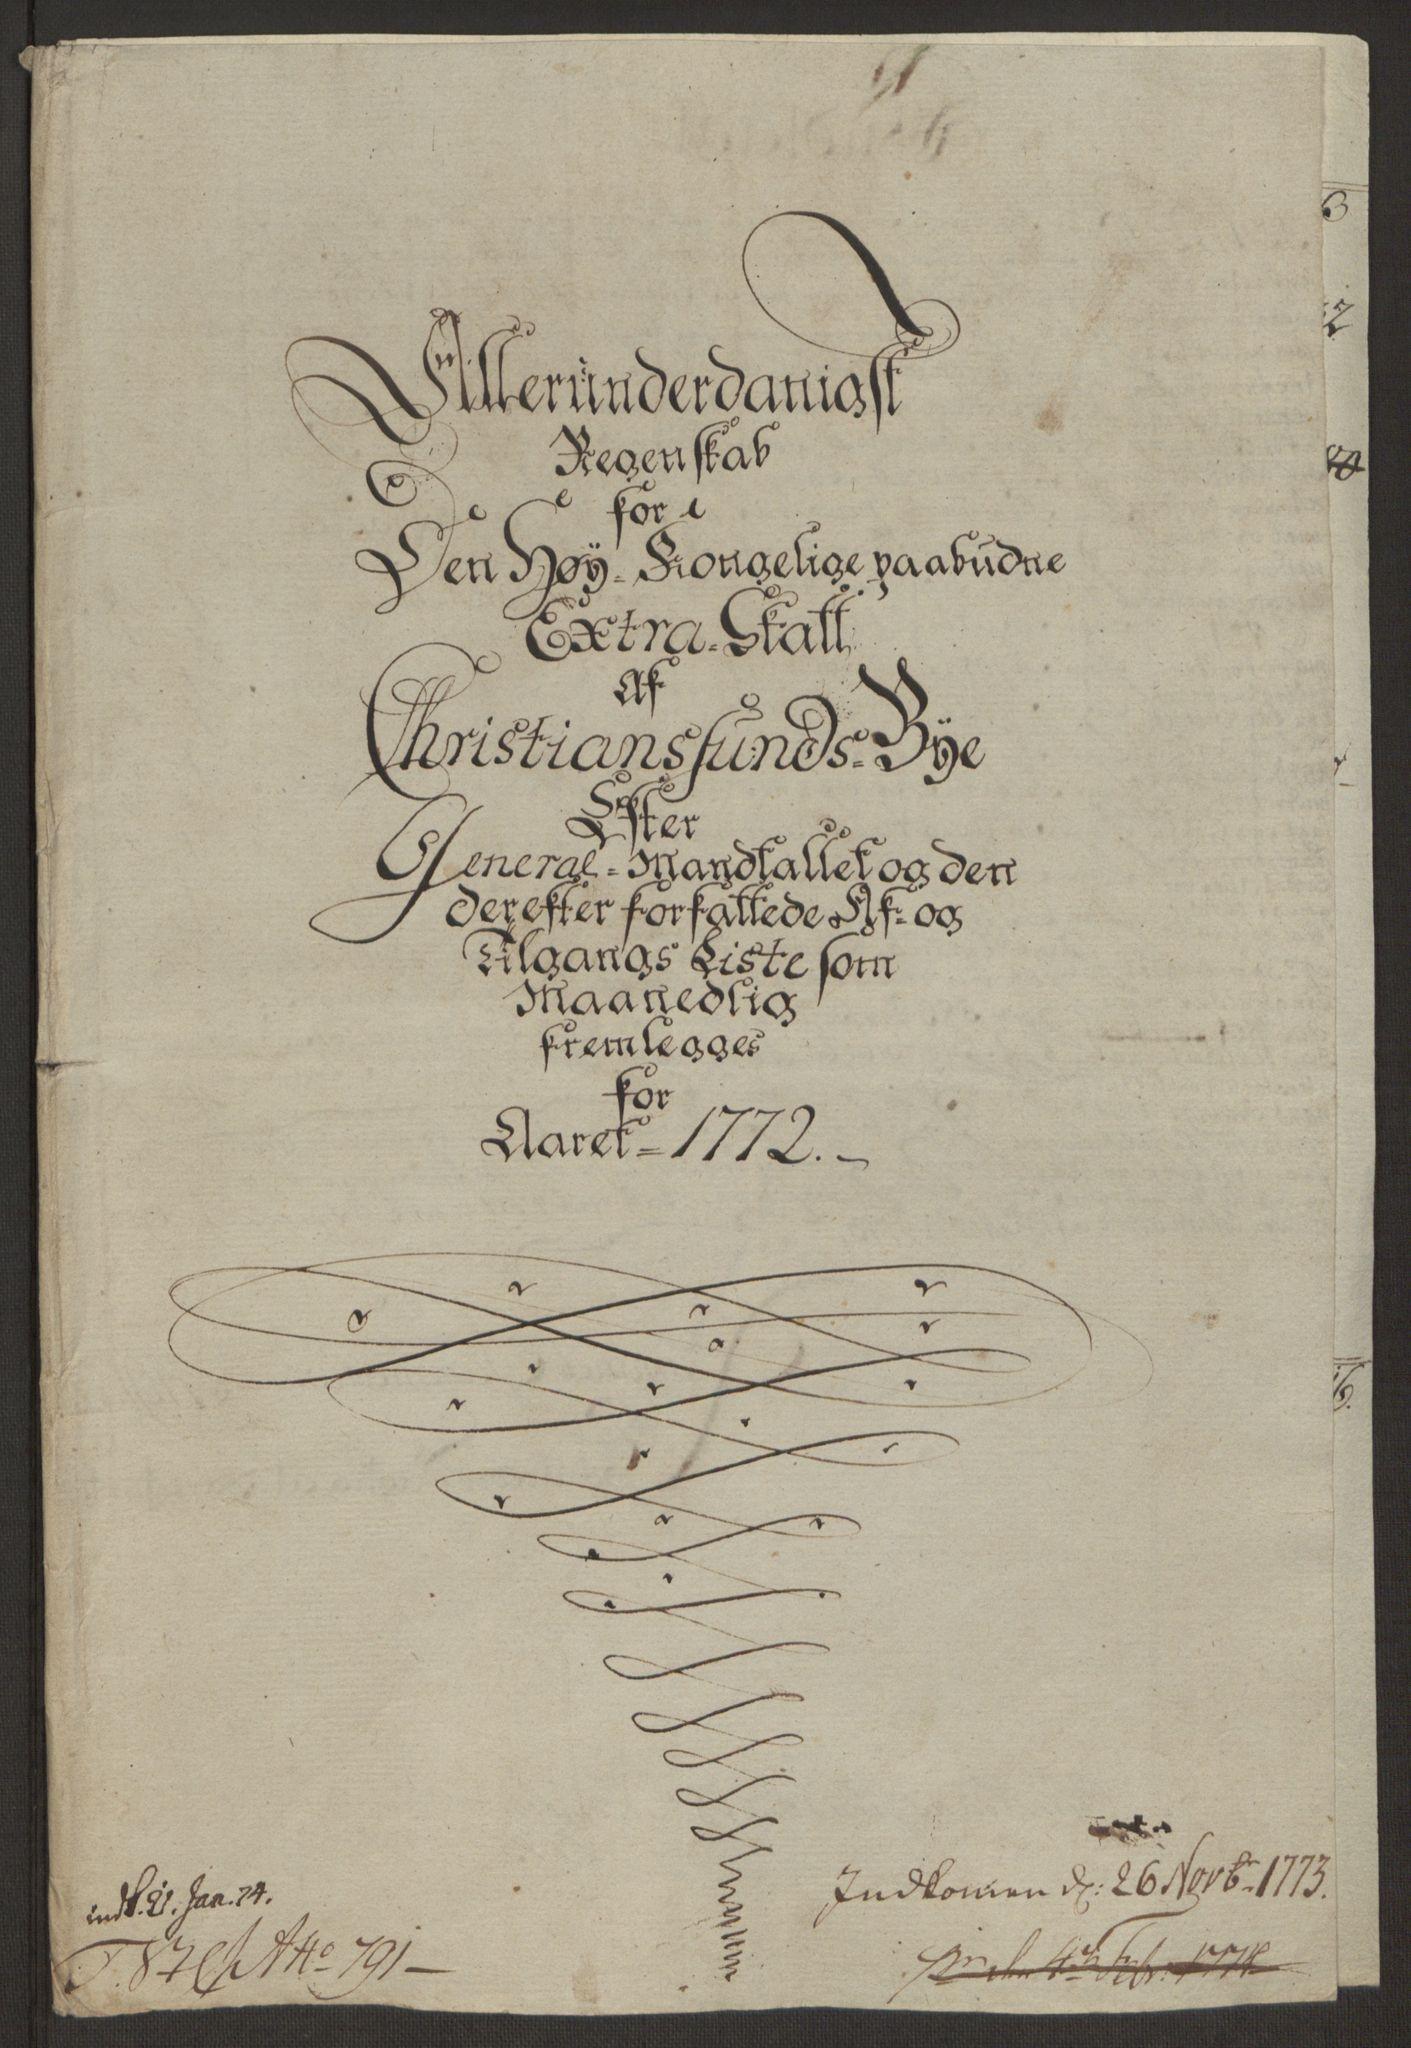 RA, Rentekammeret inntil 1814, Reviderte regnskaper, Byregnskaper, R/Rr/L0495: [R1] Kontribusjonsregnskap, 1762-1772, s. 262